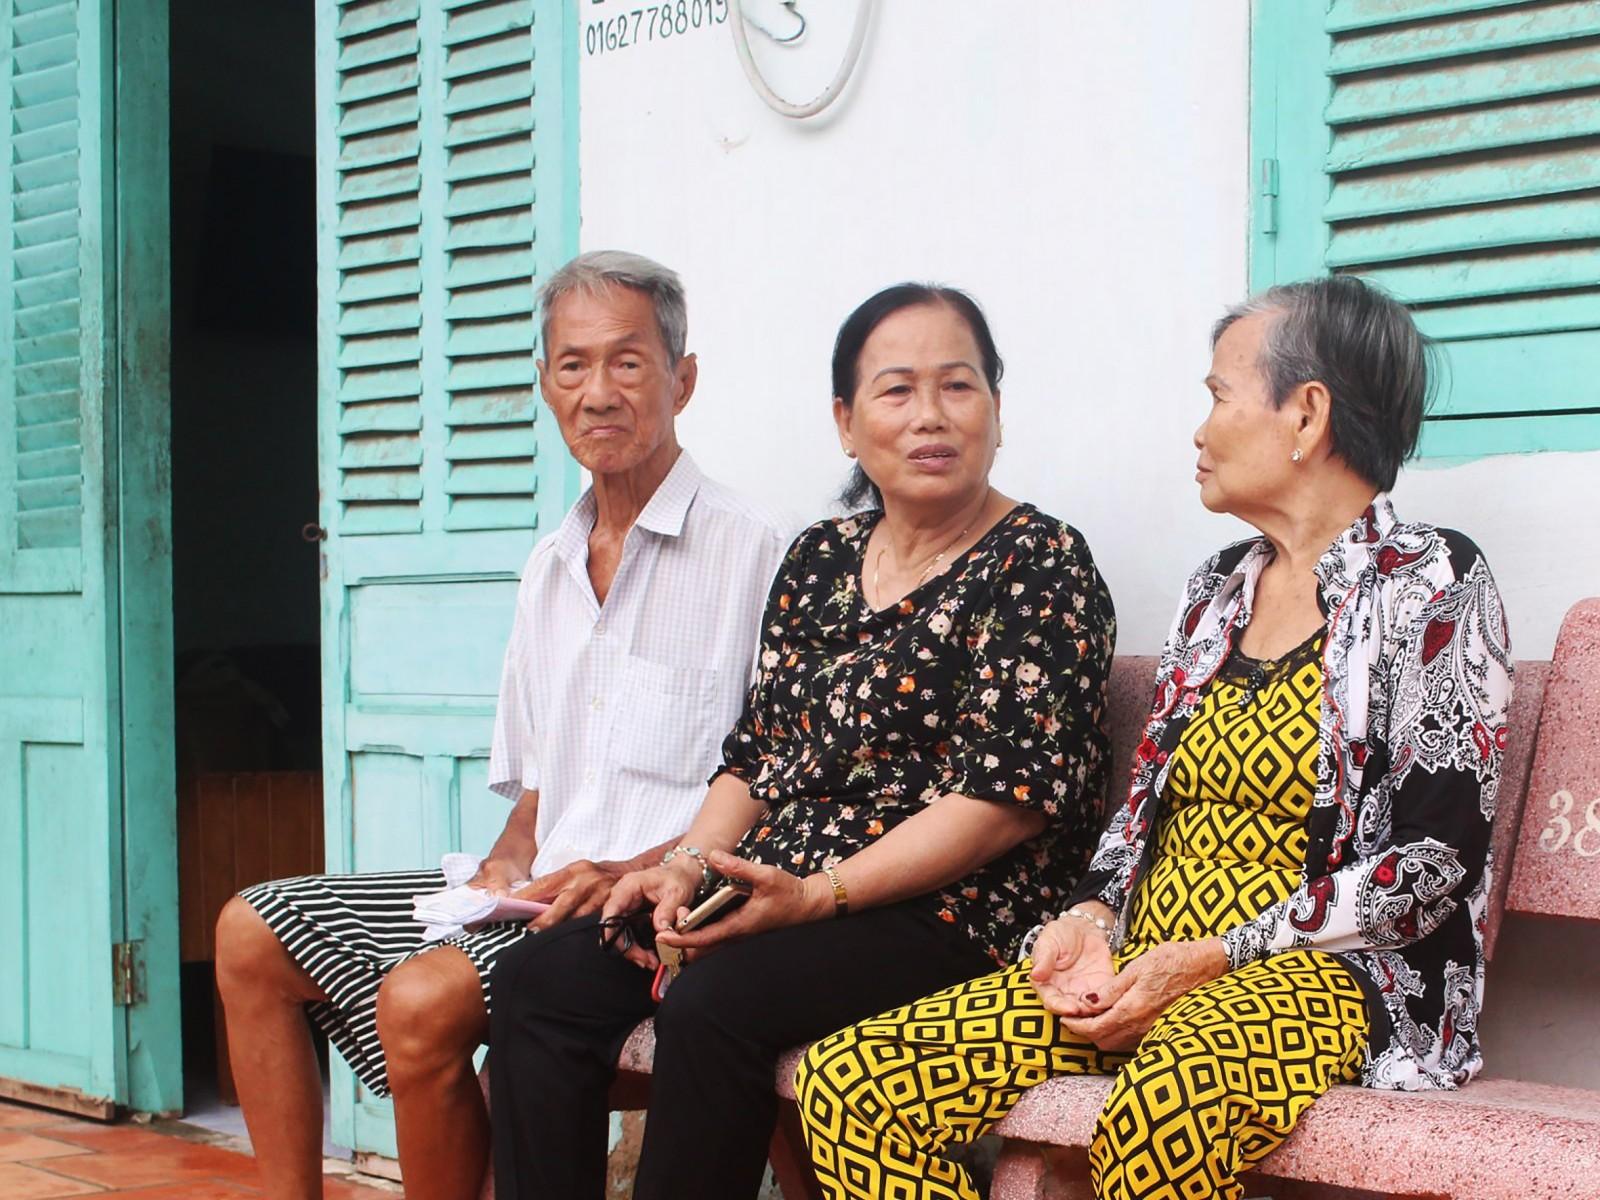 Bà Phan Thị Tuyết Mai (giữa), Chủ tịch Hội Người cao tuổi phường Long Tuyền đến thăm hỏi các hội viên tại khu Nhà Đại đoàn kết trên địa bàn phường.